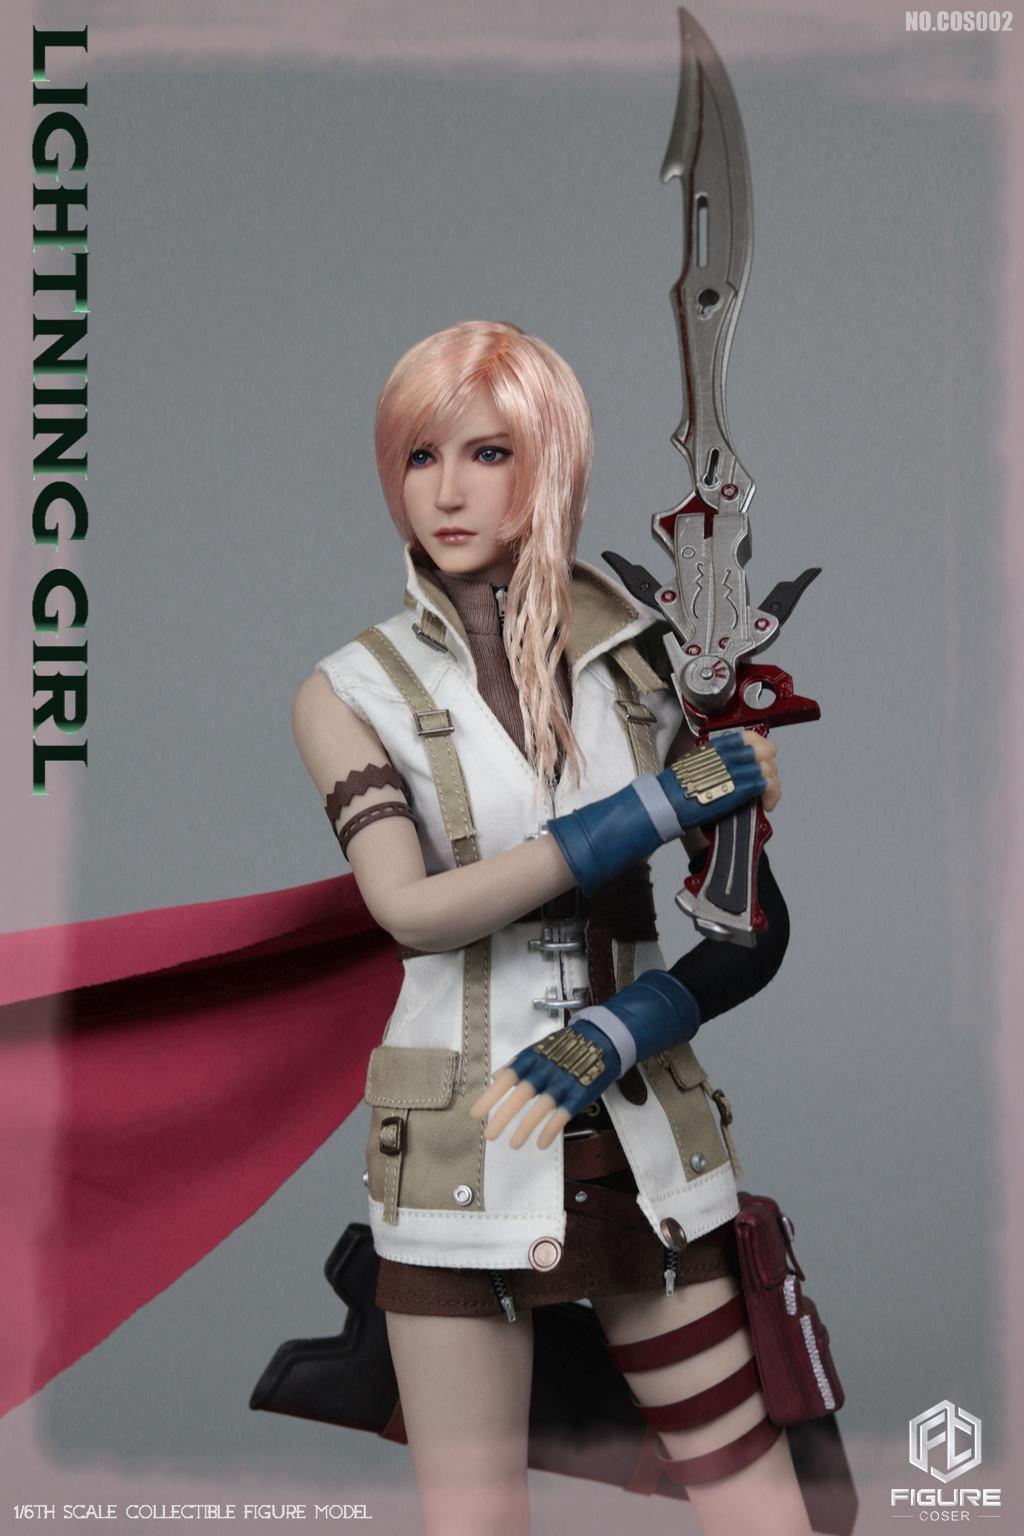 """Medicom 1//6th Blade warrior Headsculpt Model For 12/"""" Medicom Figure"""